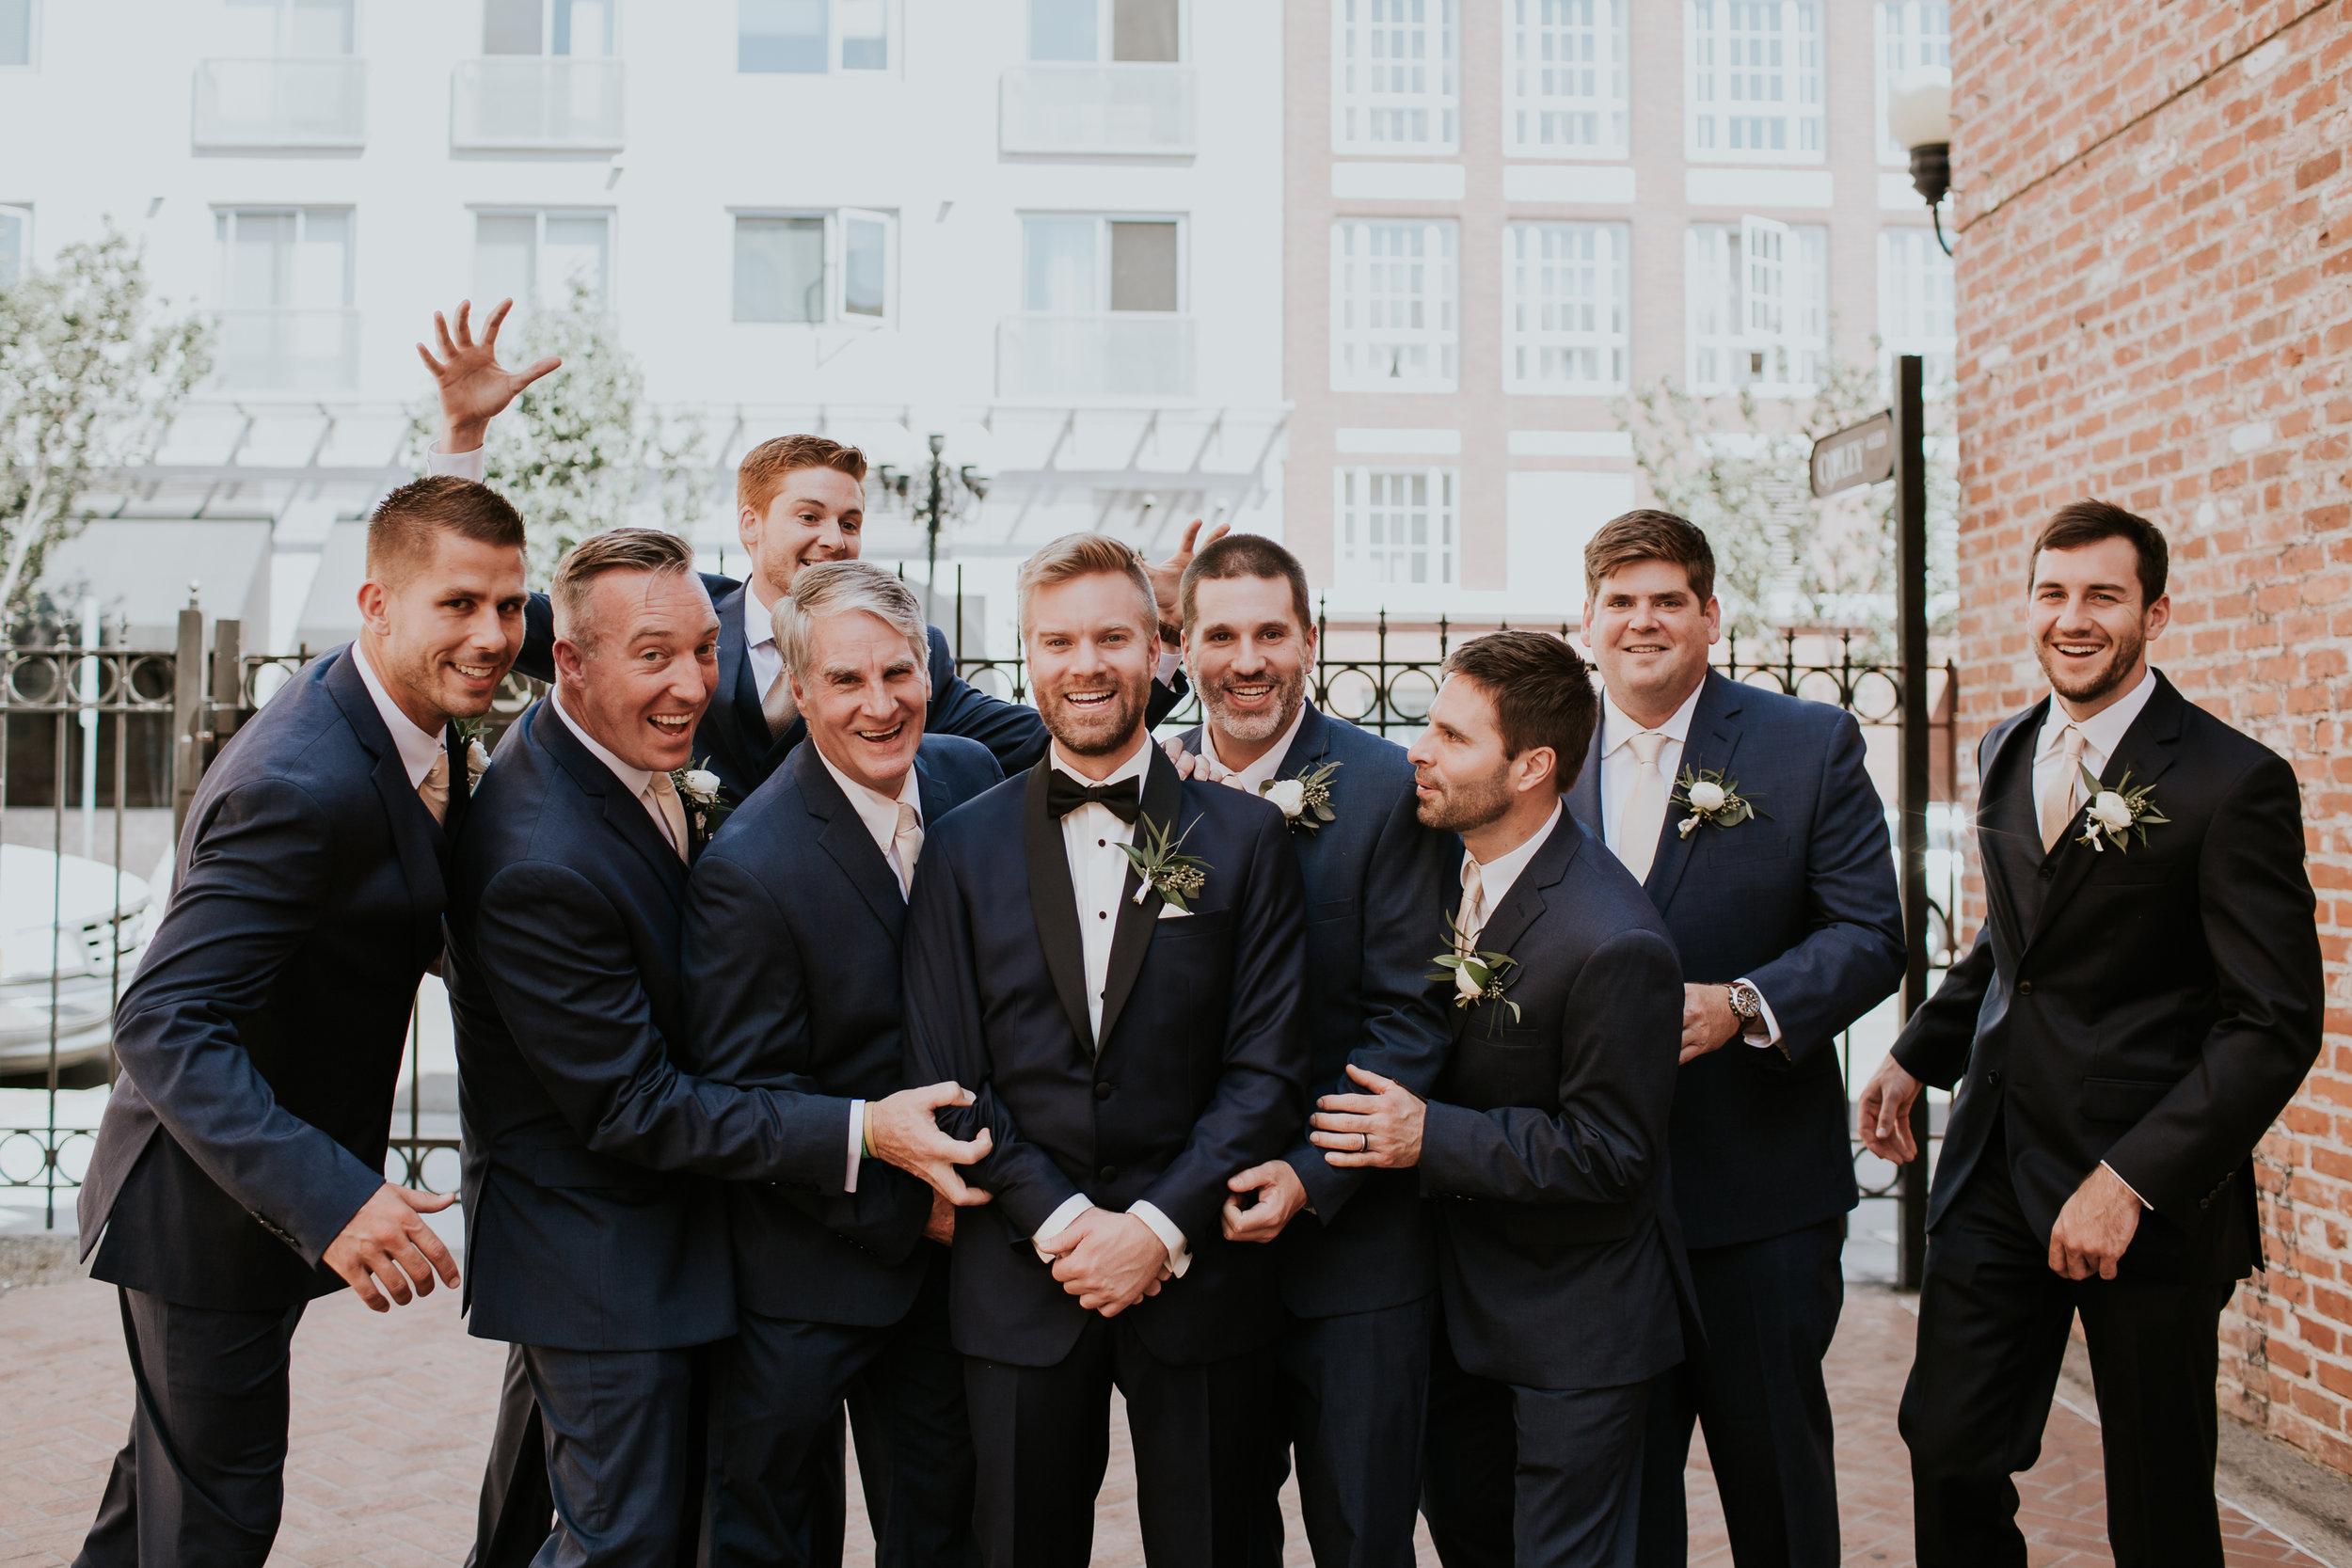 23 groomsmen flowers.jpg